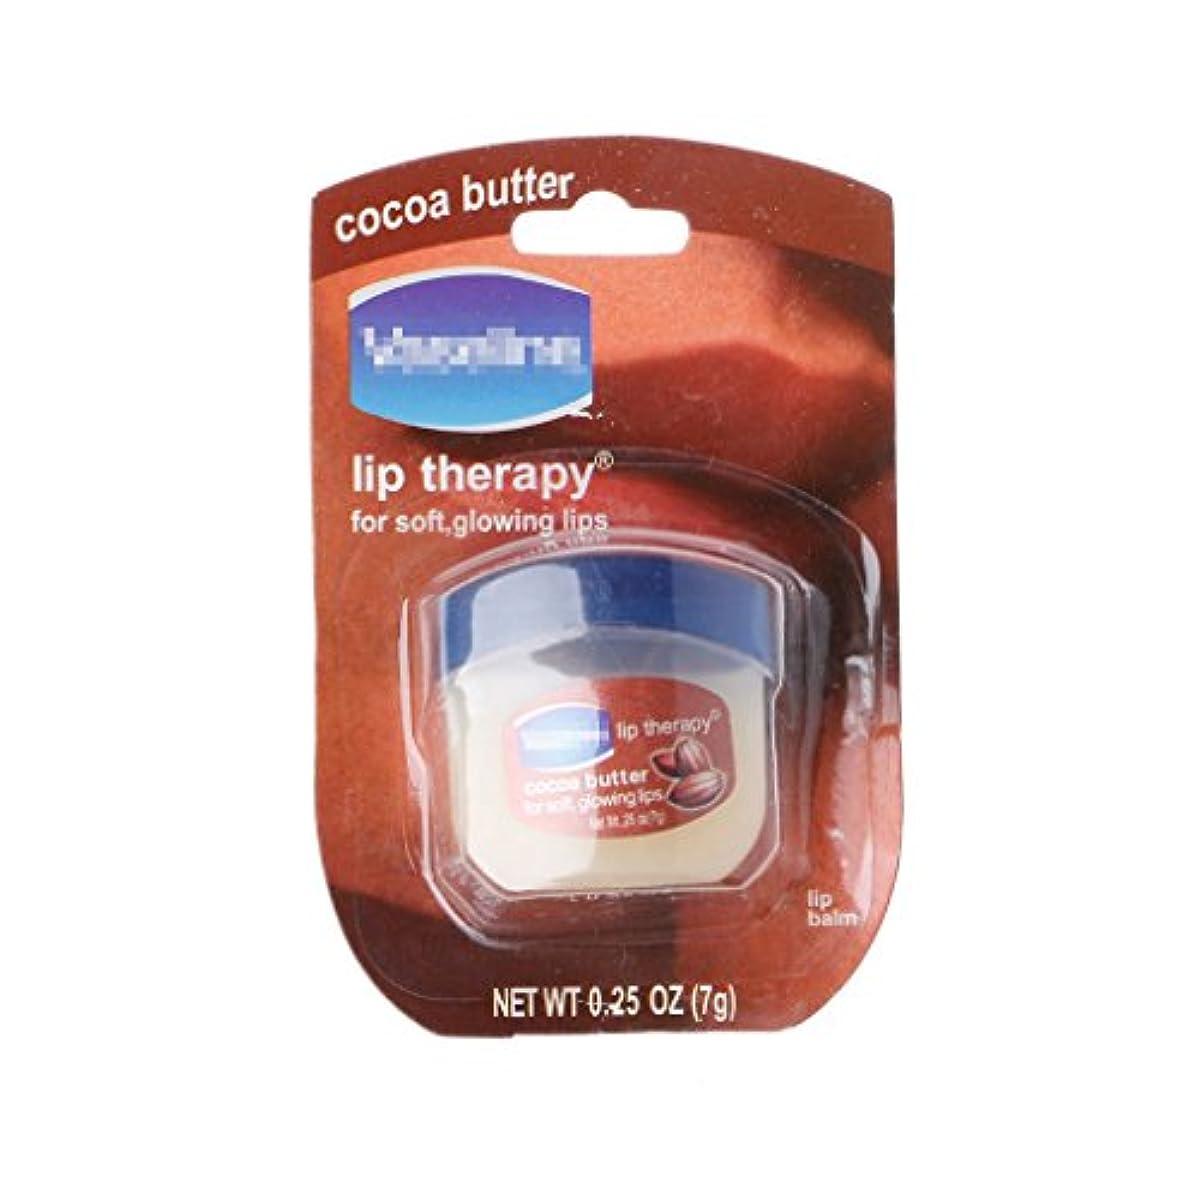 健康特異性マリナーManyao 身体の顔のための純粋な石油ゼリースキンプロテクターモイスチャライザーワセリンクリーム (NO.1)